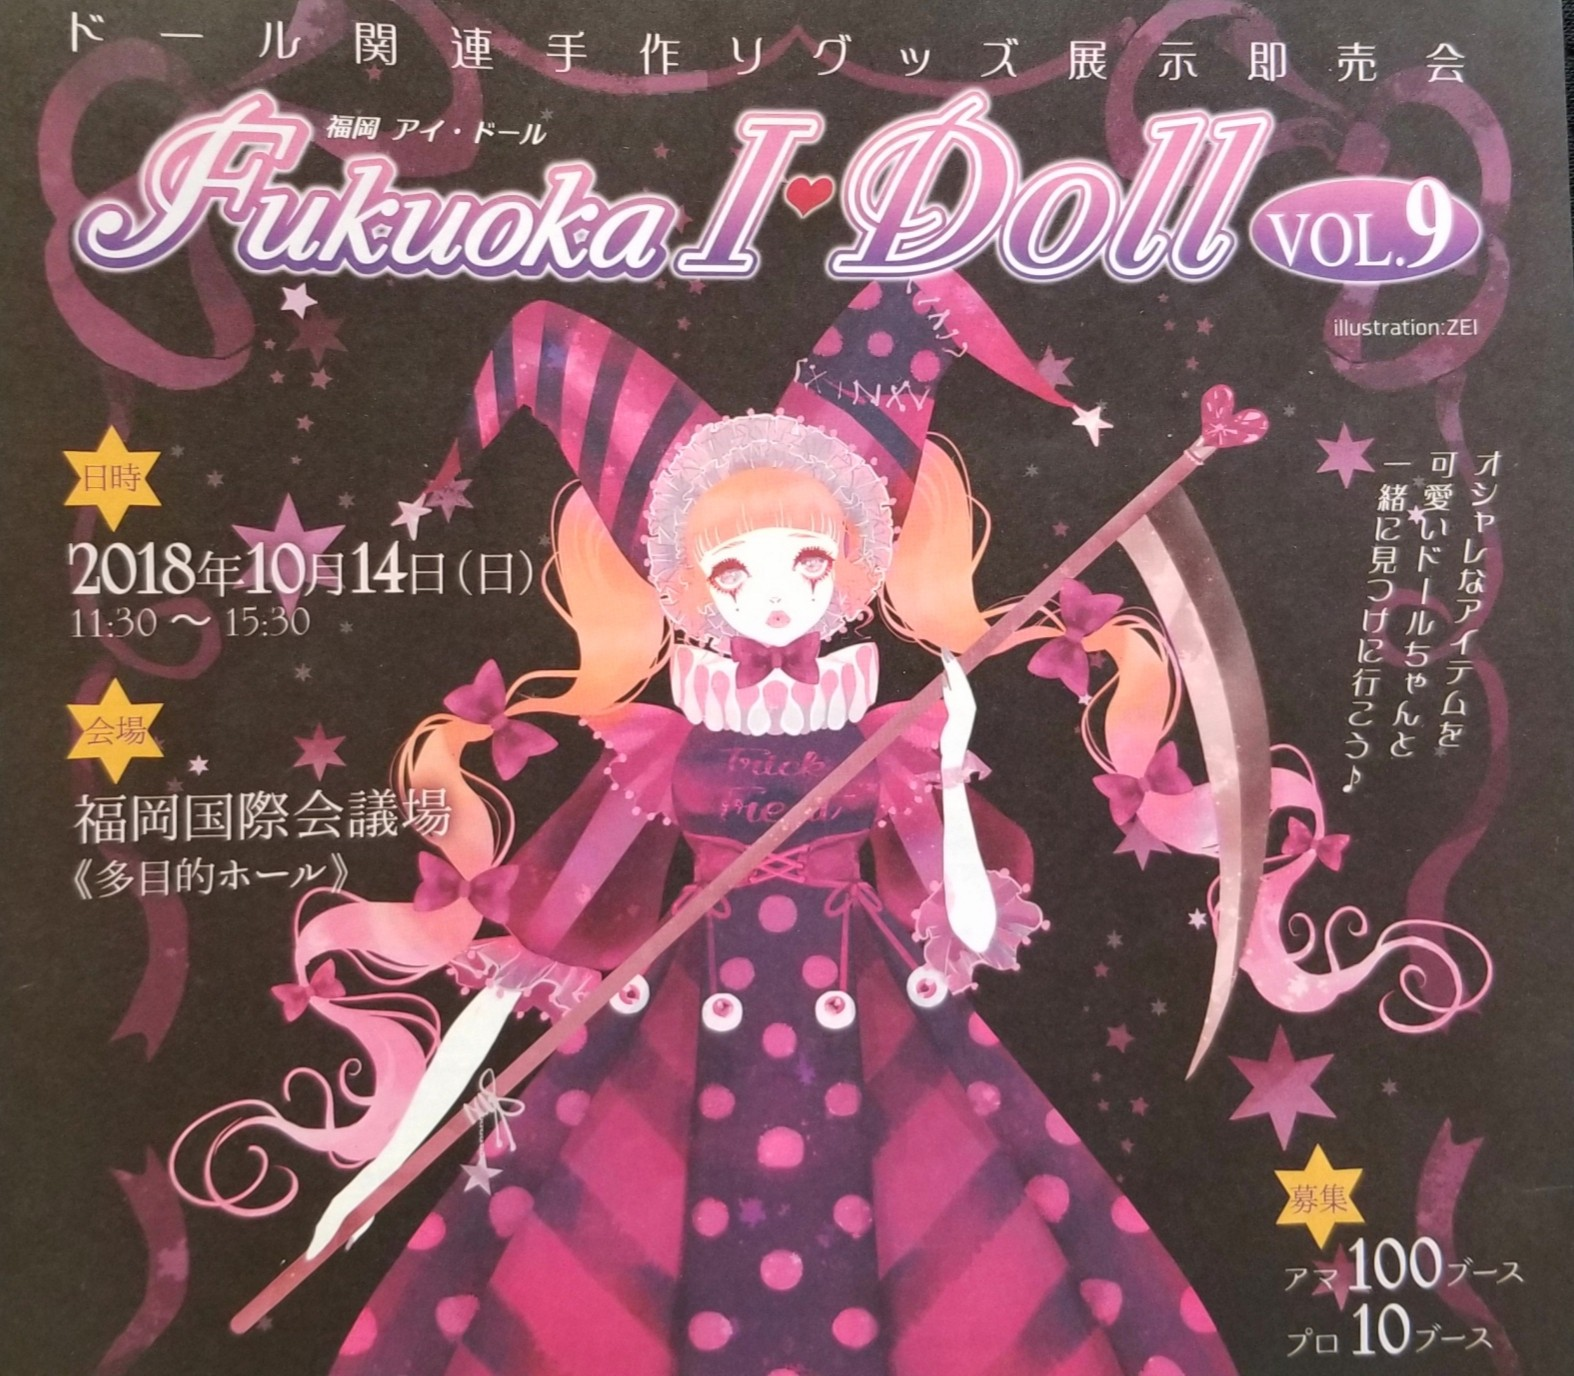 10月14日アイドール福岡,イベント告知,ドール用小物撮影用品販売